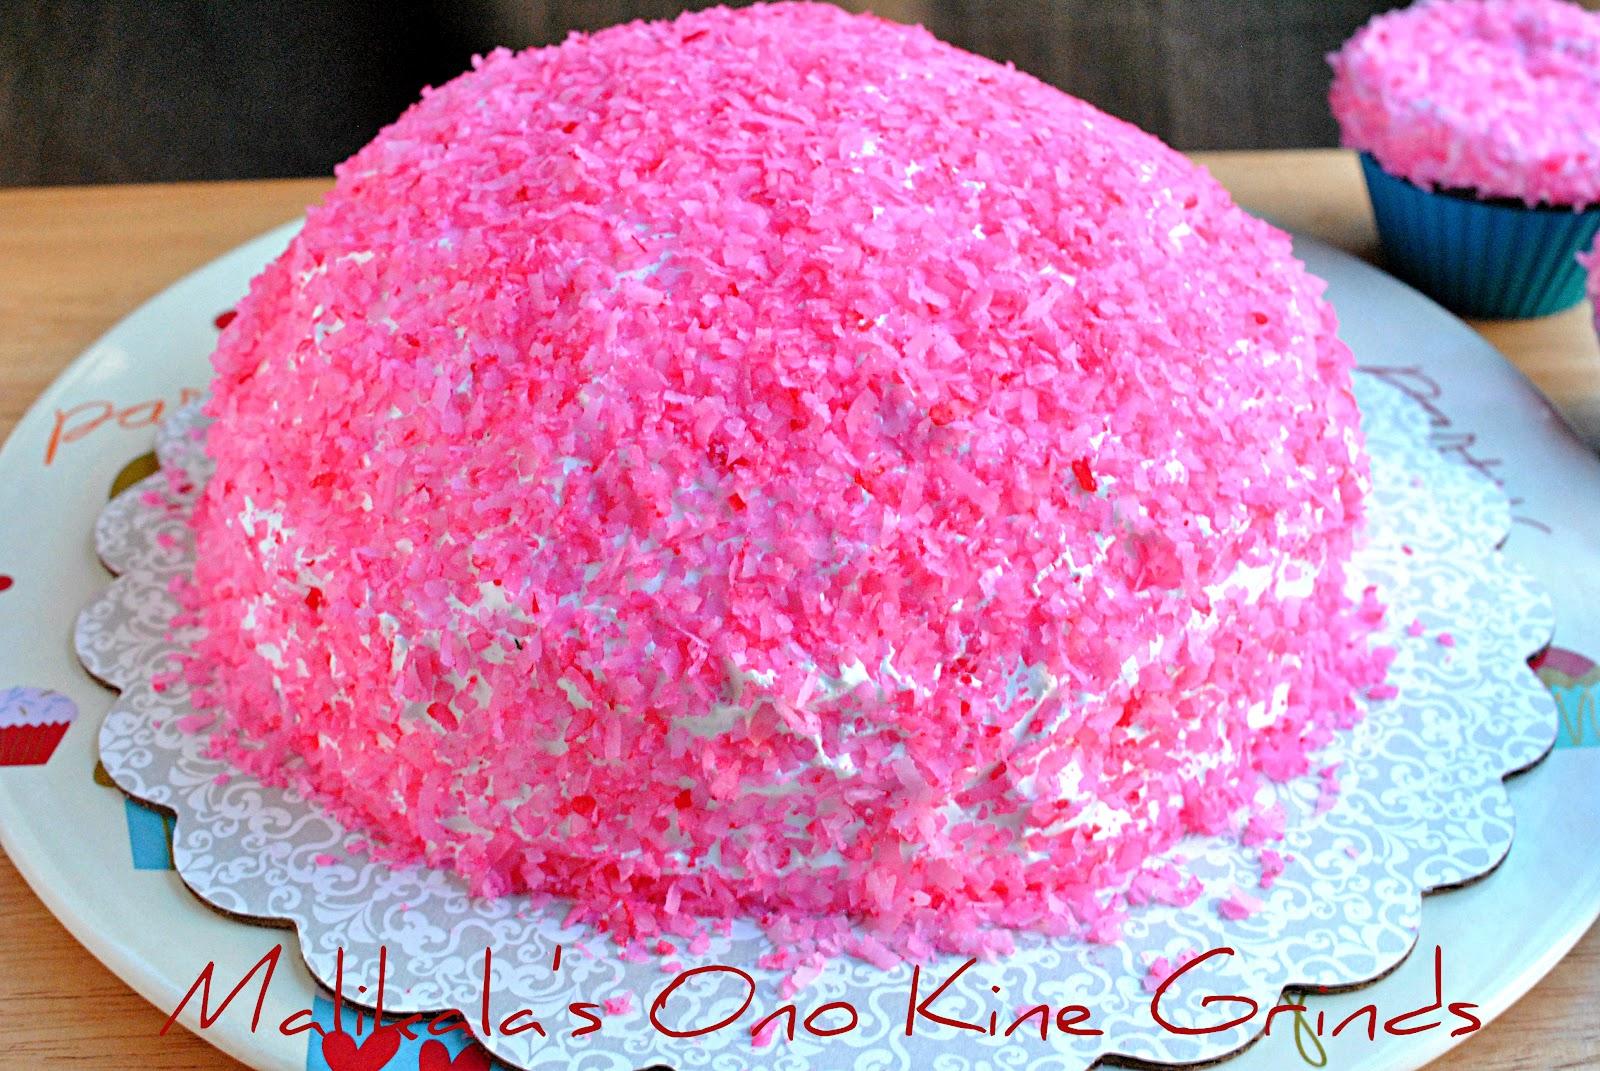 Sno-Ball Cake